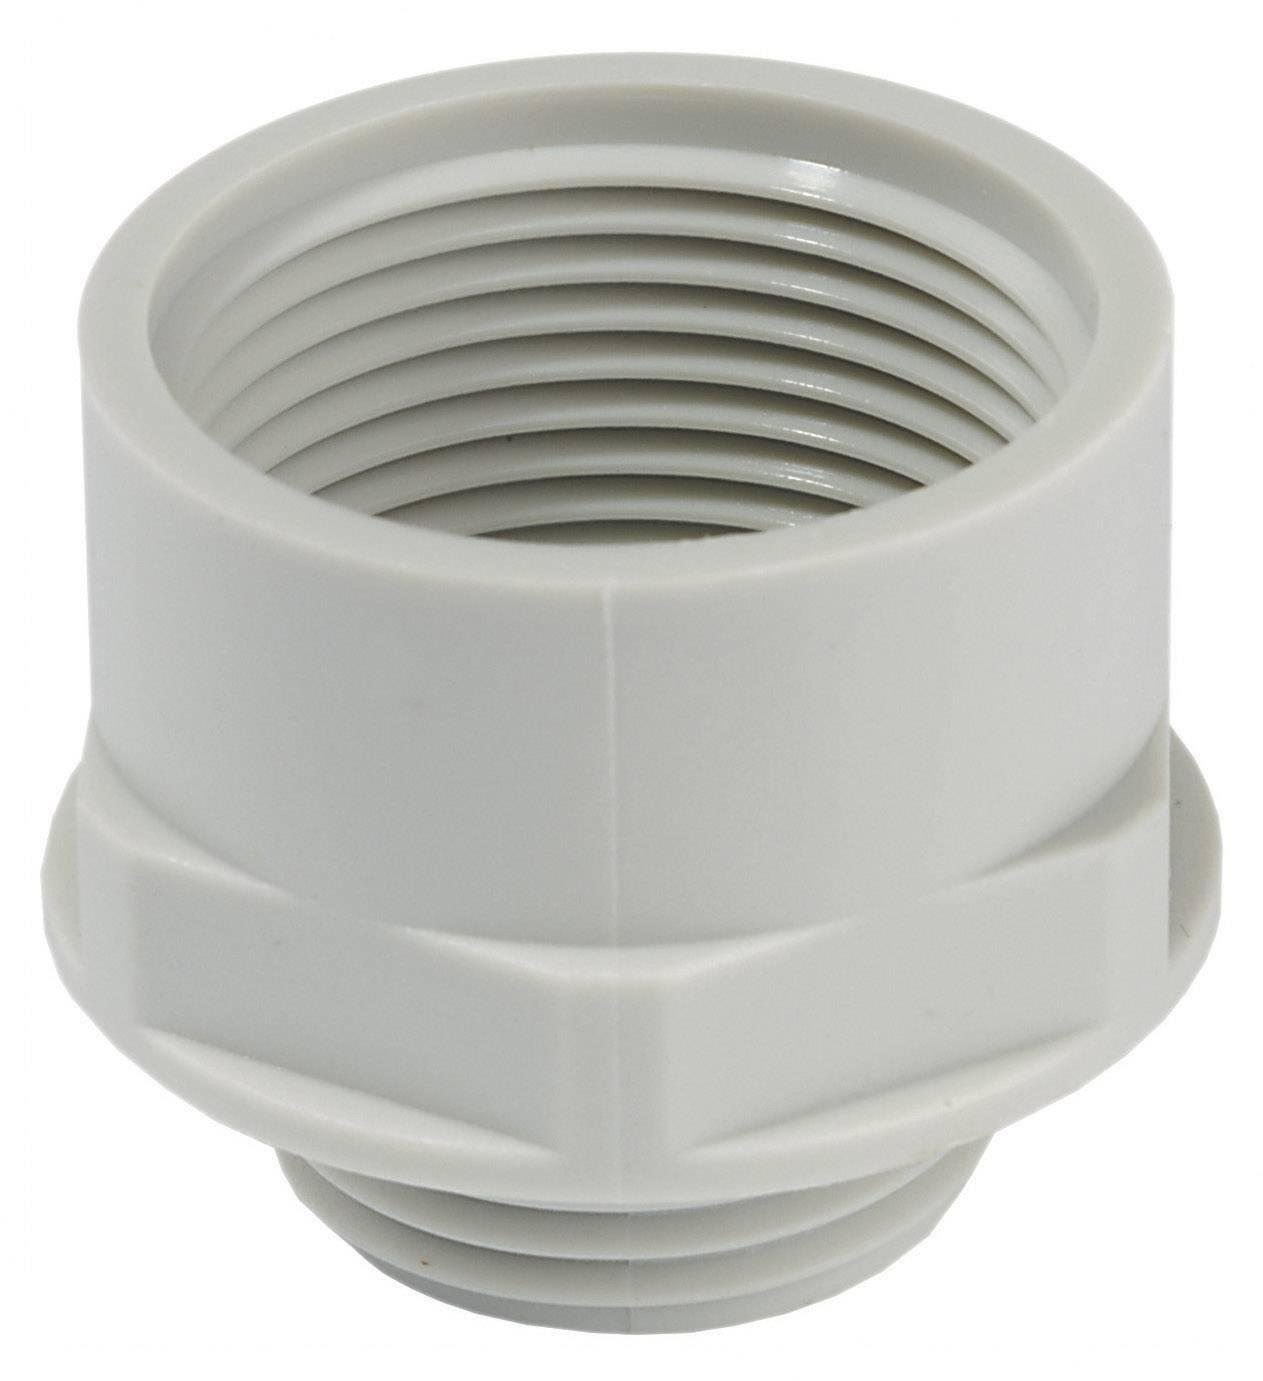 Adaptér kabelový spojky Wiska KEM 32/40 (10063574), M32, světle šedá